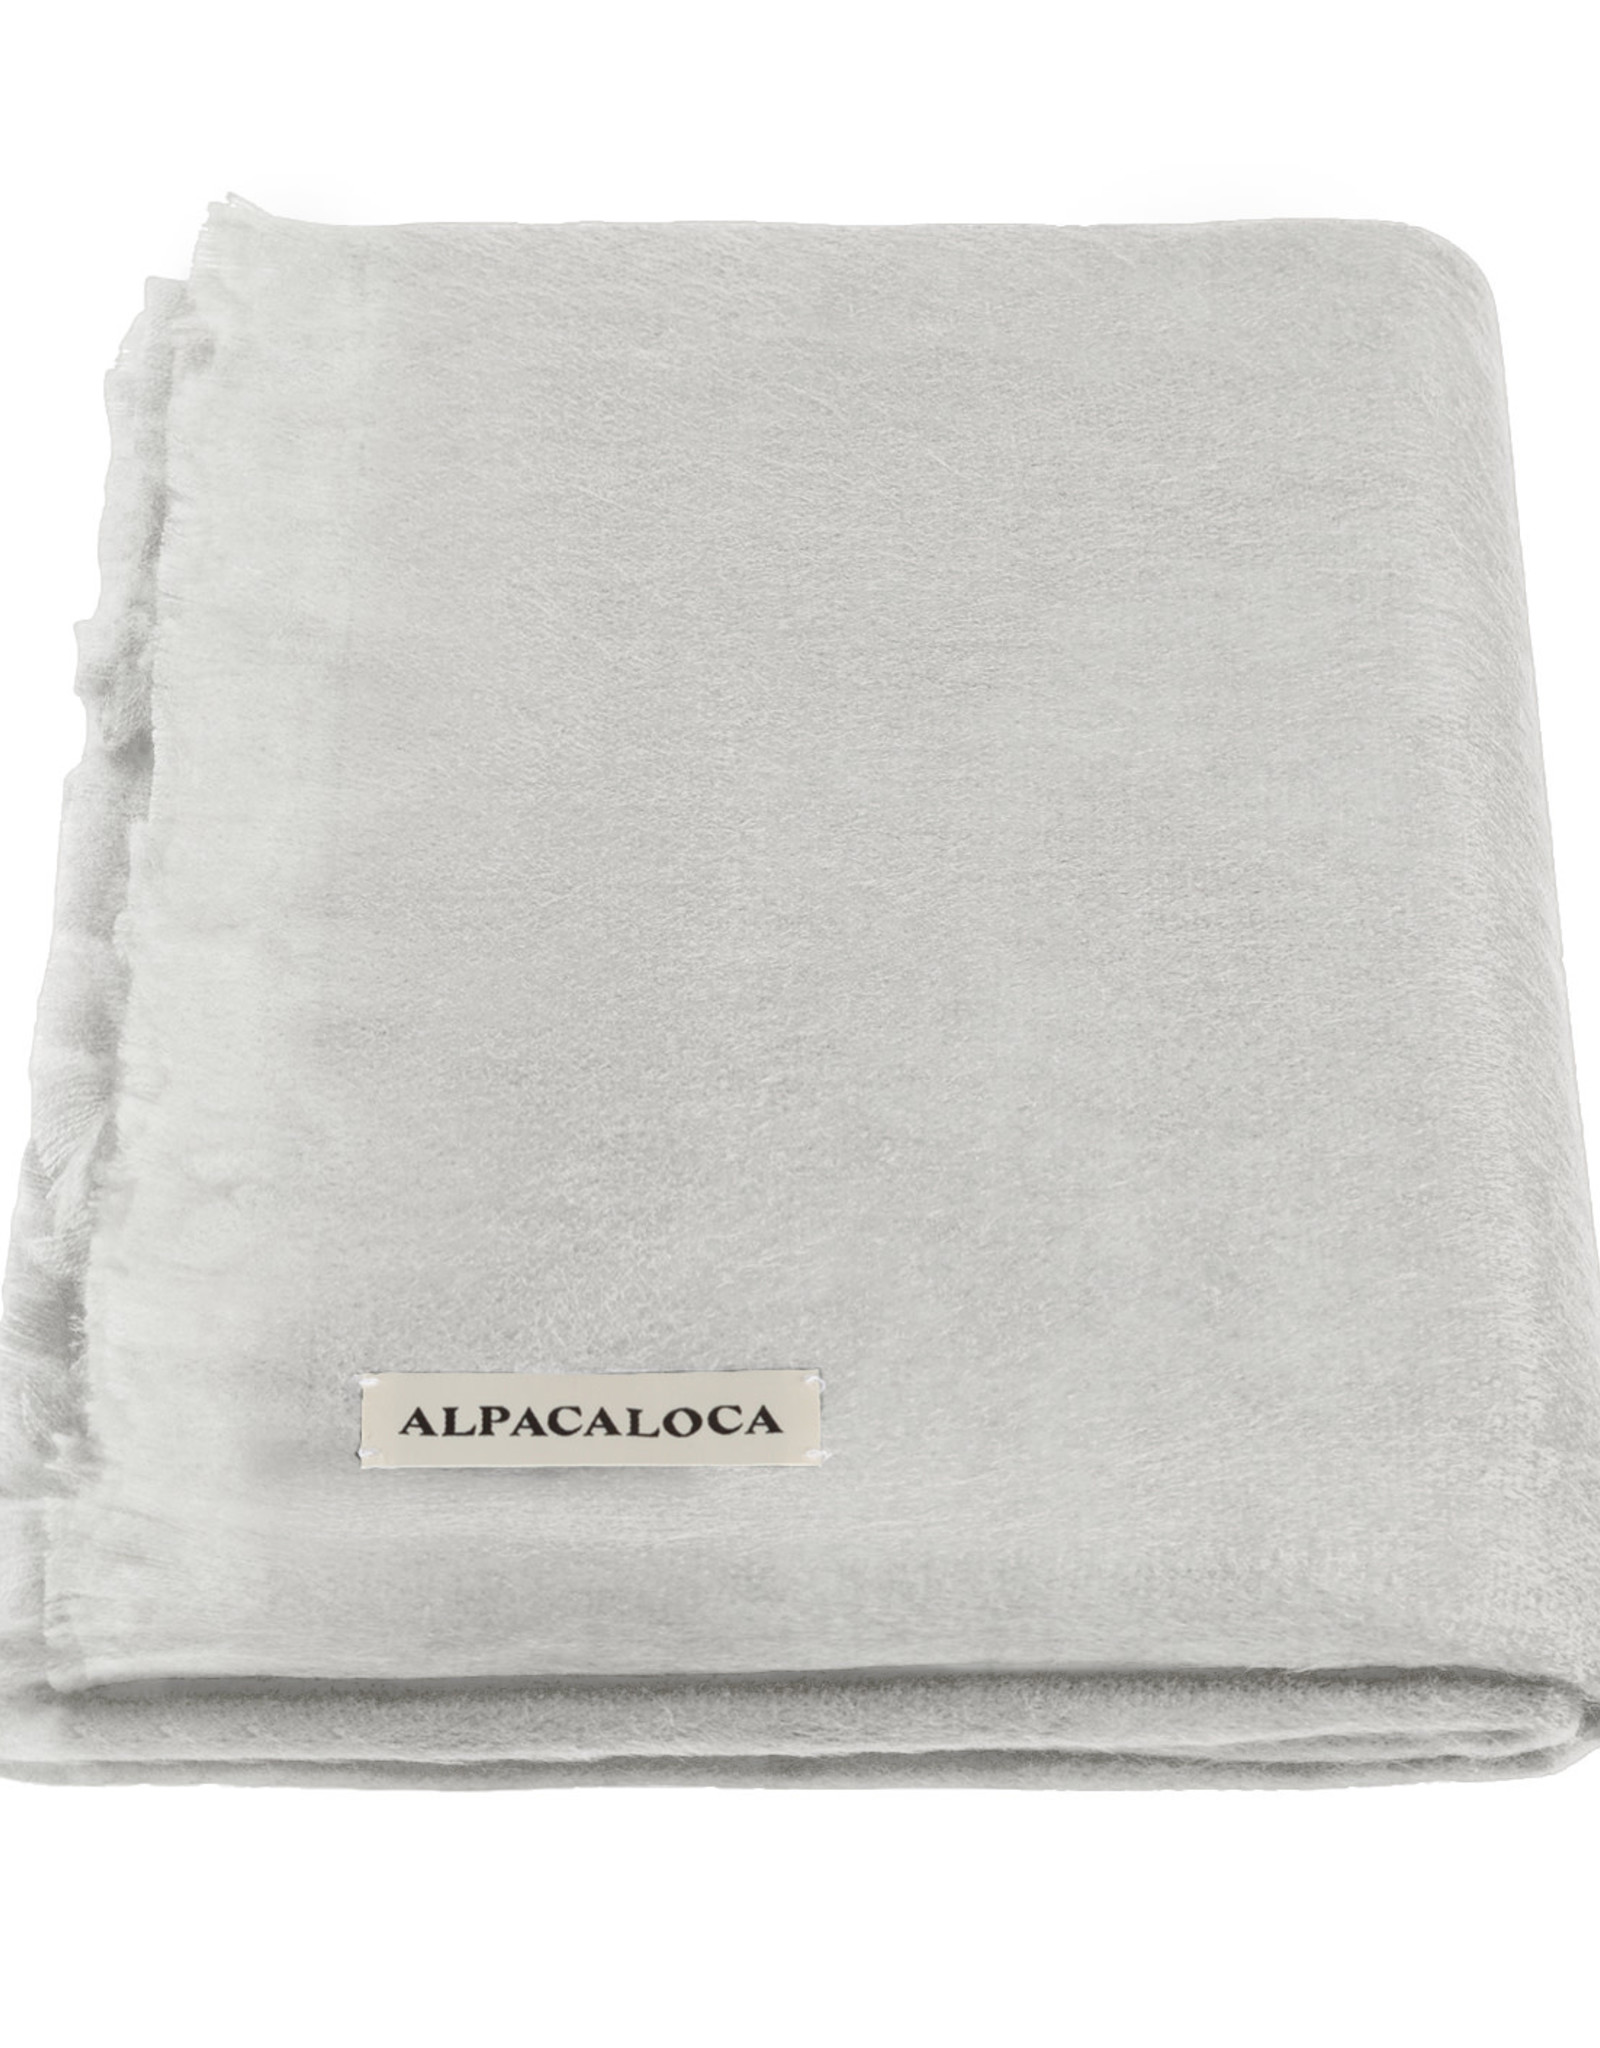 Alpacaloca Sjaal Licht Grijs